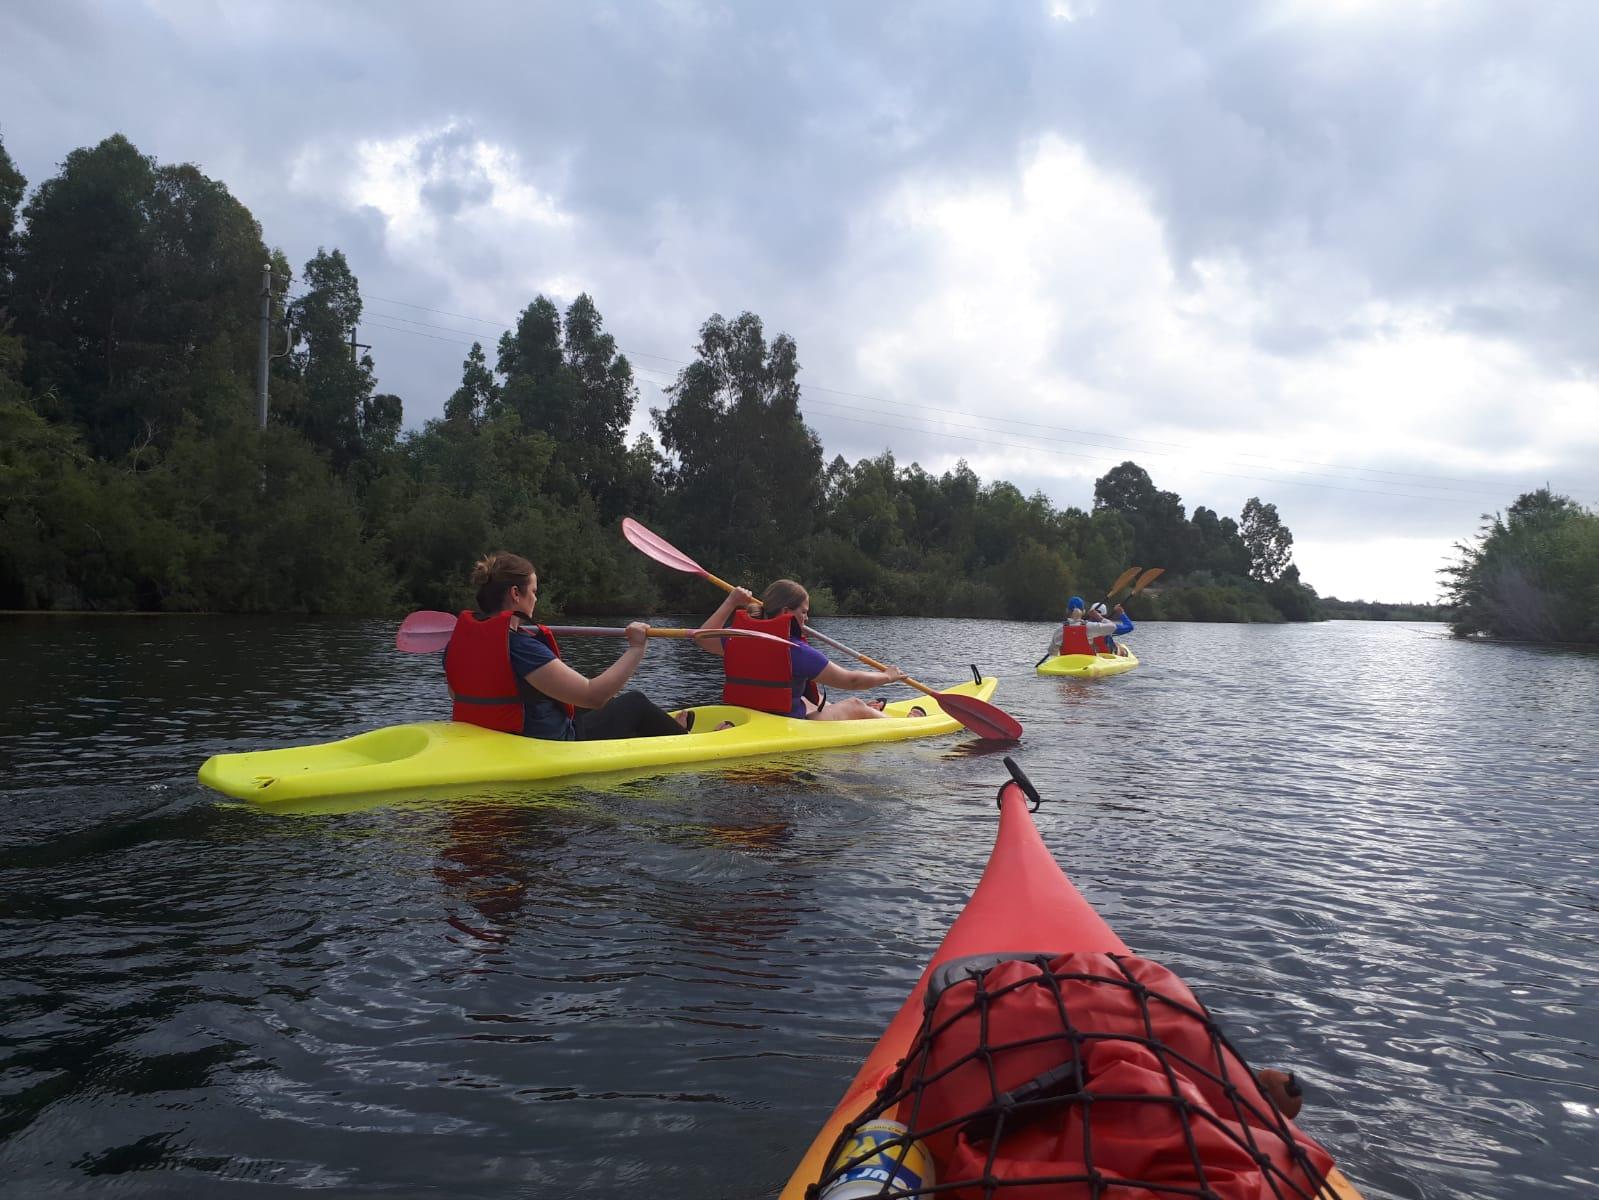 Settimane Sarde al Camping Capo Ferrato in Sardegna in canoa sul Flumendosa